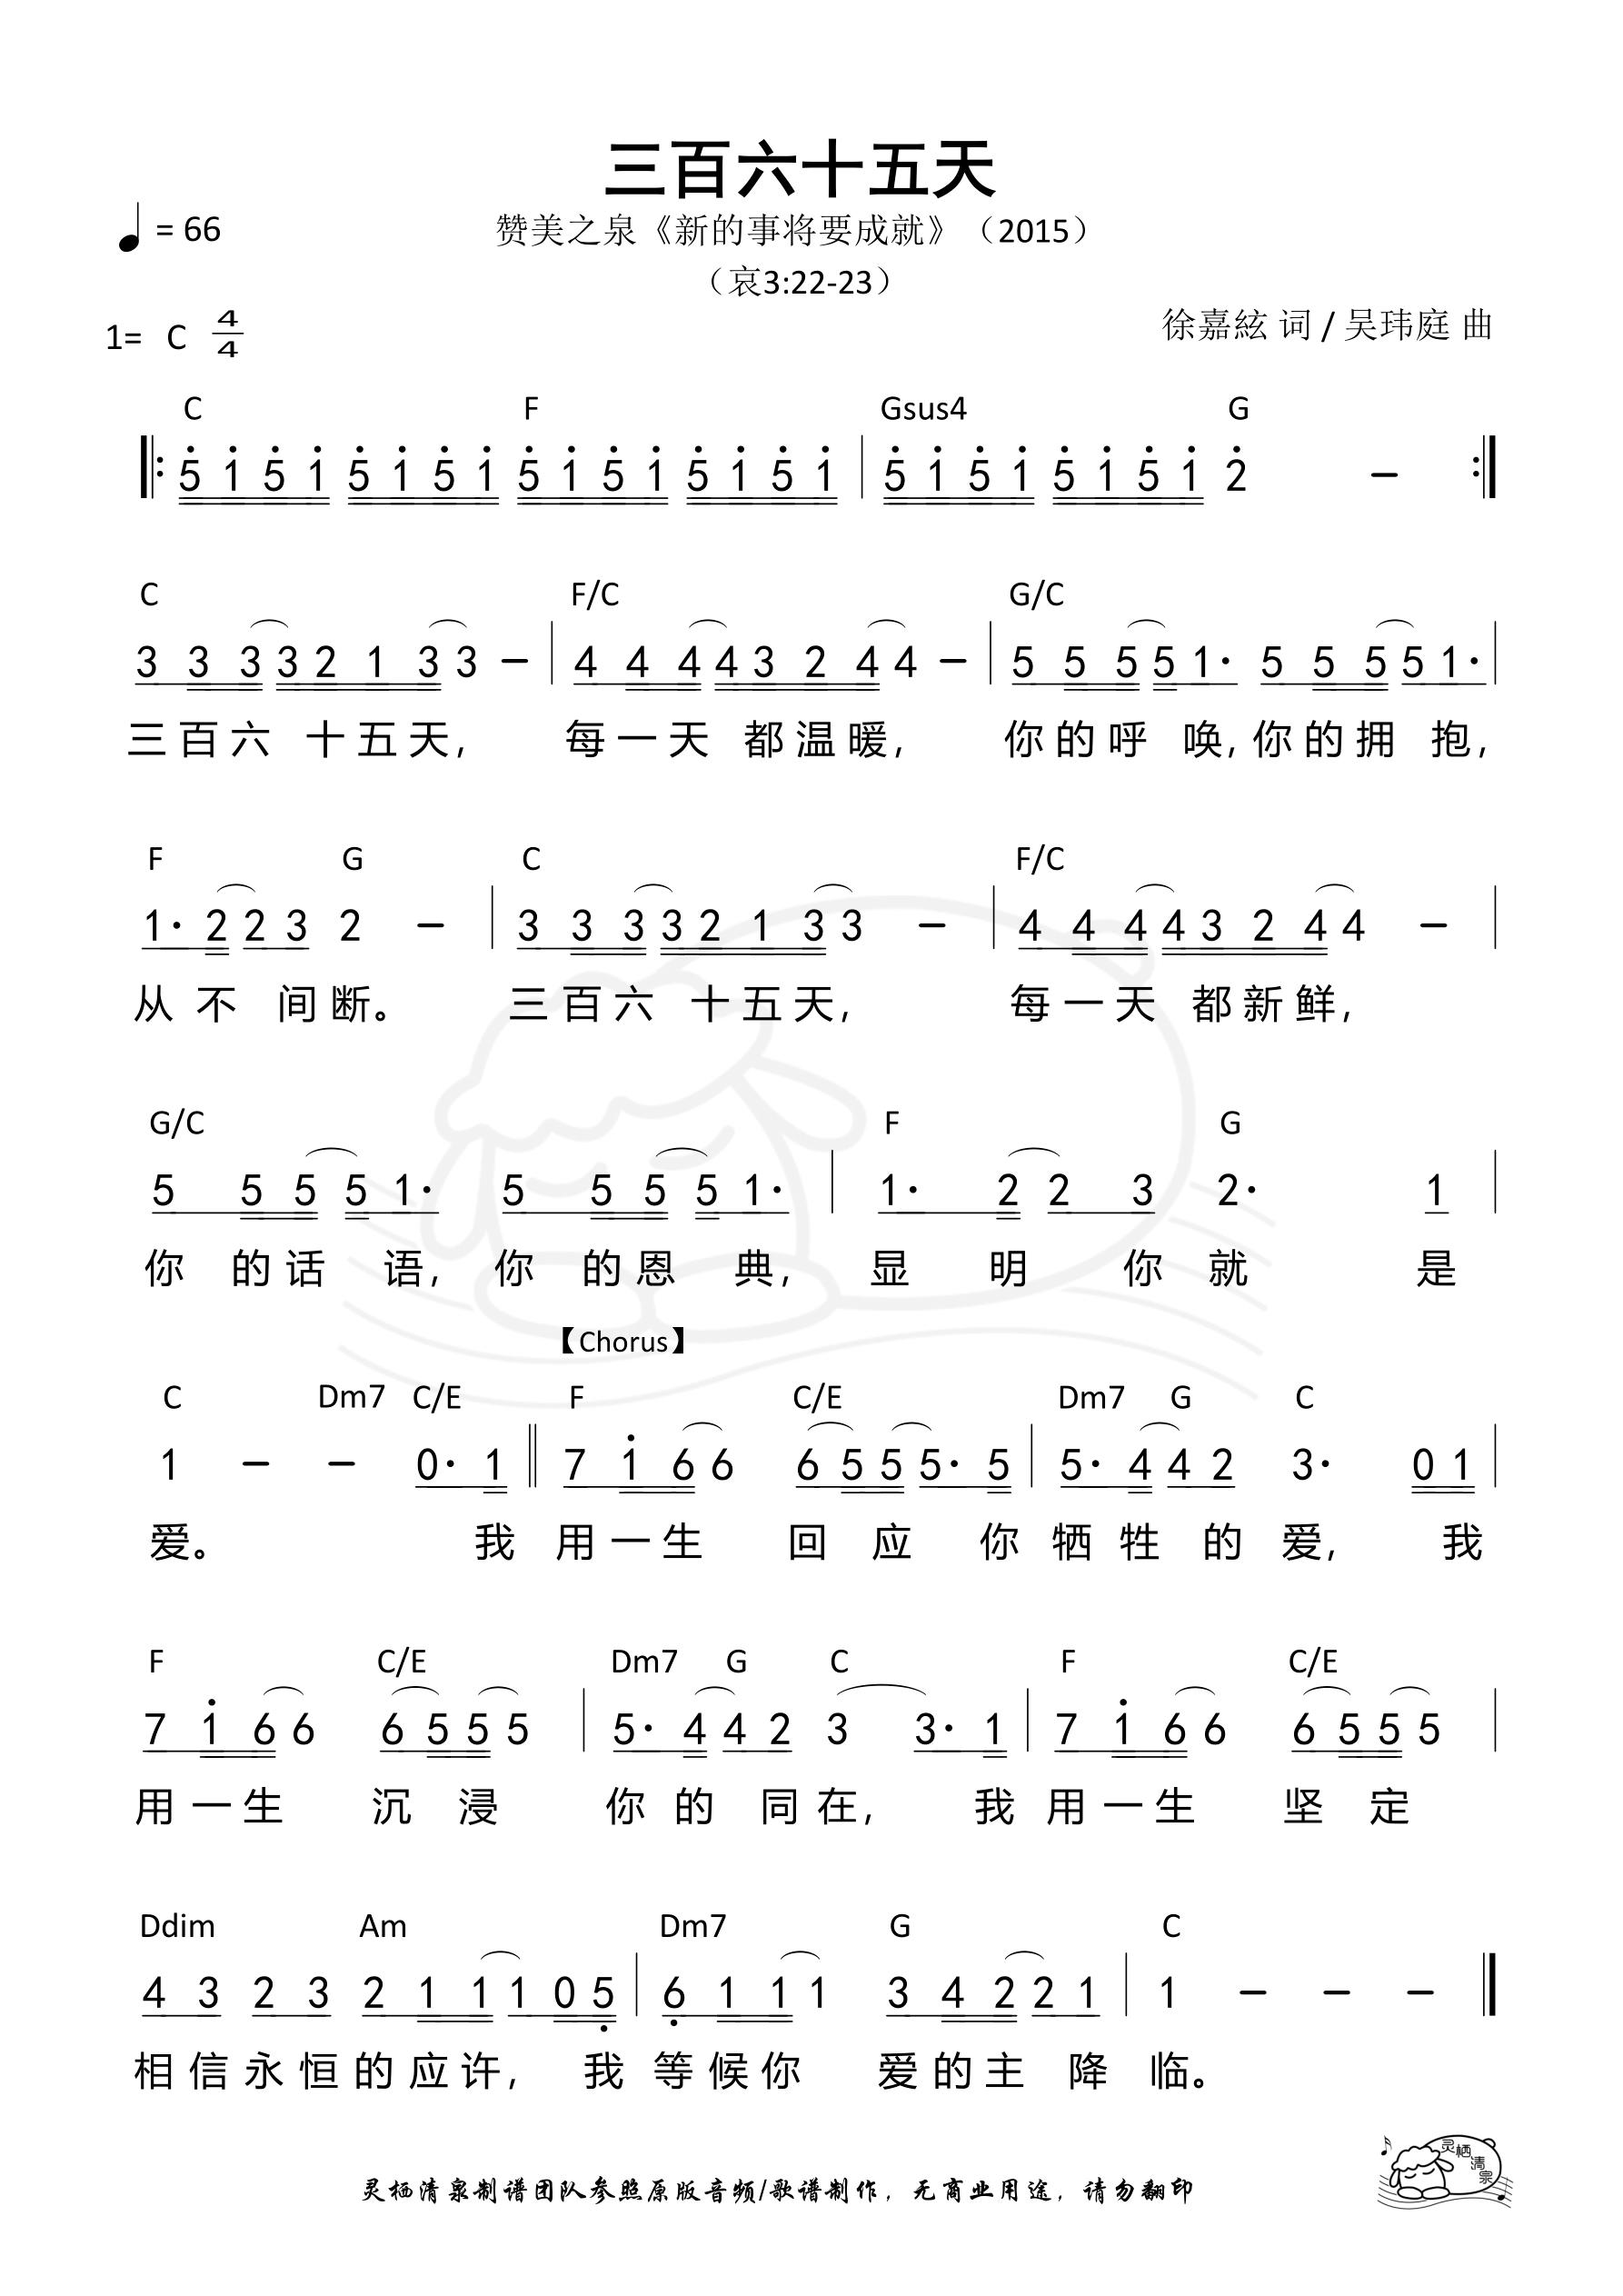 《第354首 - 三百六十五天 和弦简谱》